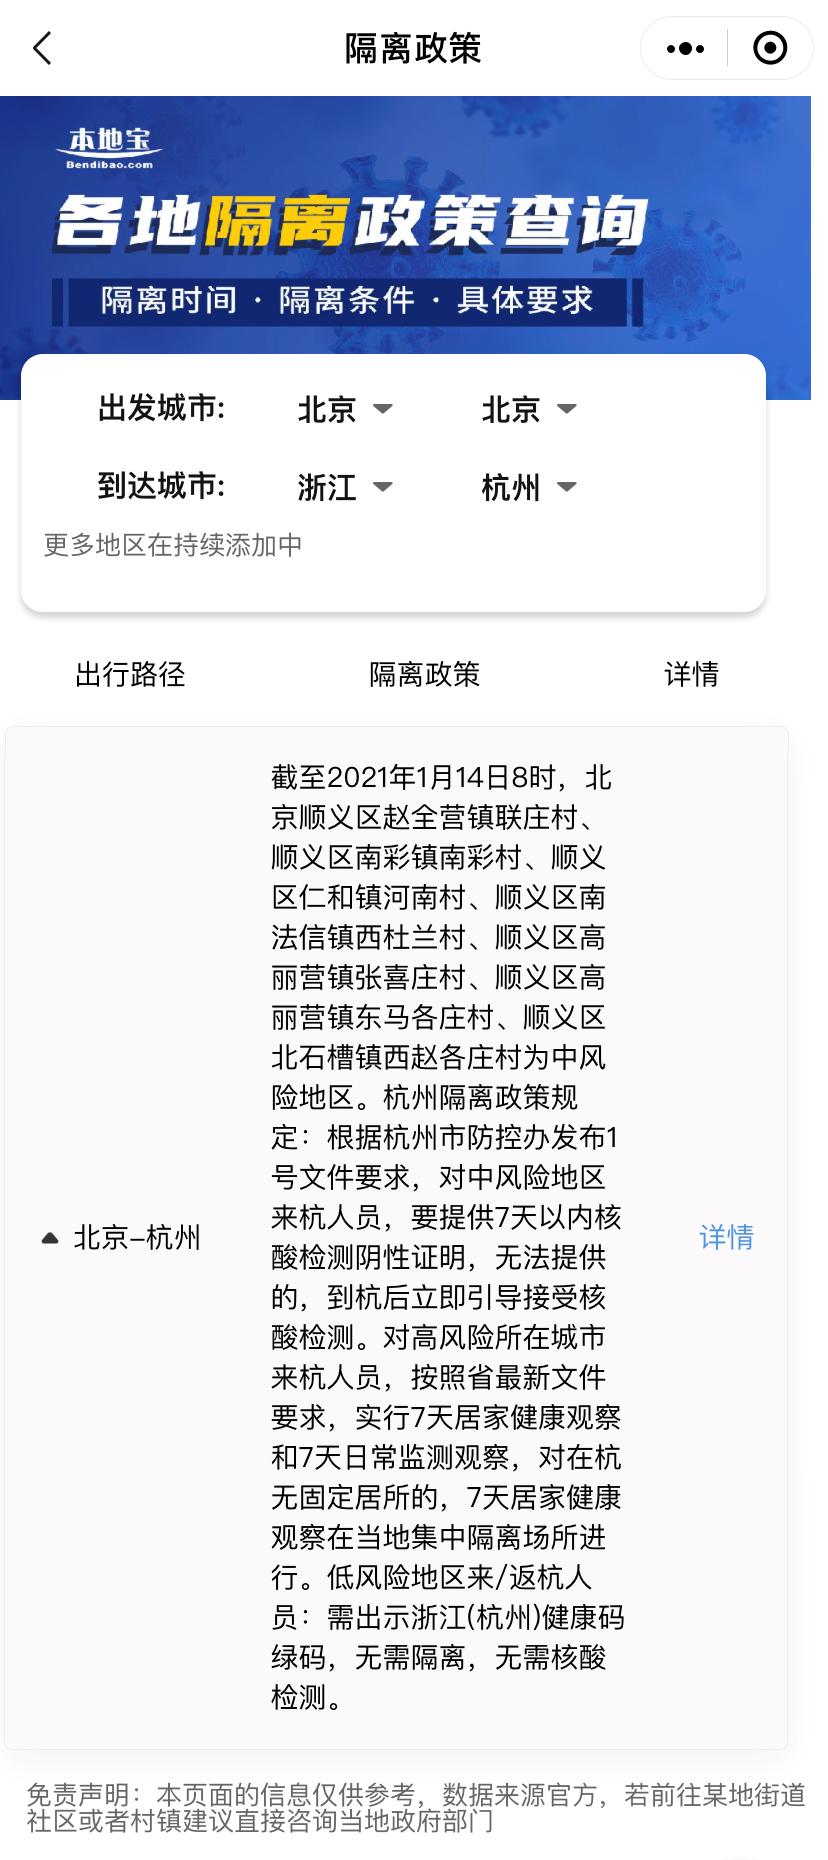 北京人员到杭州隔离政策查询